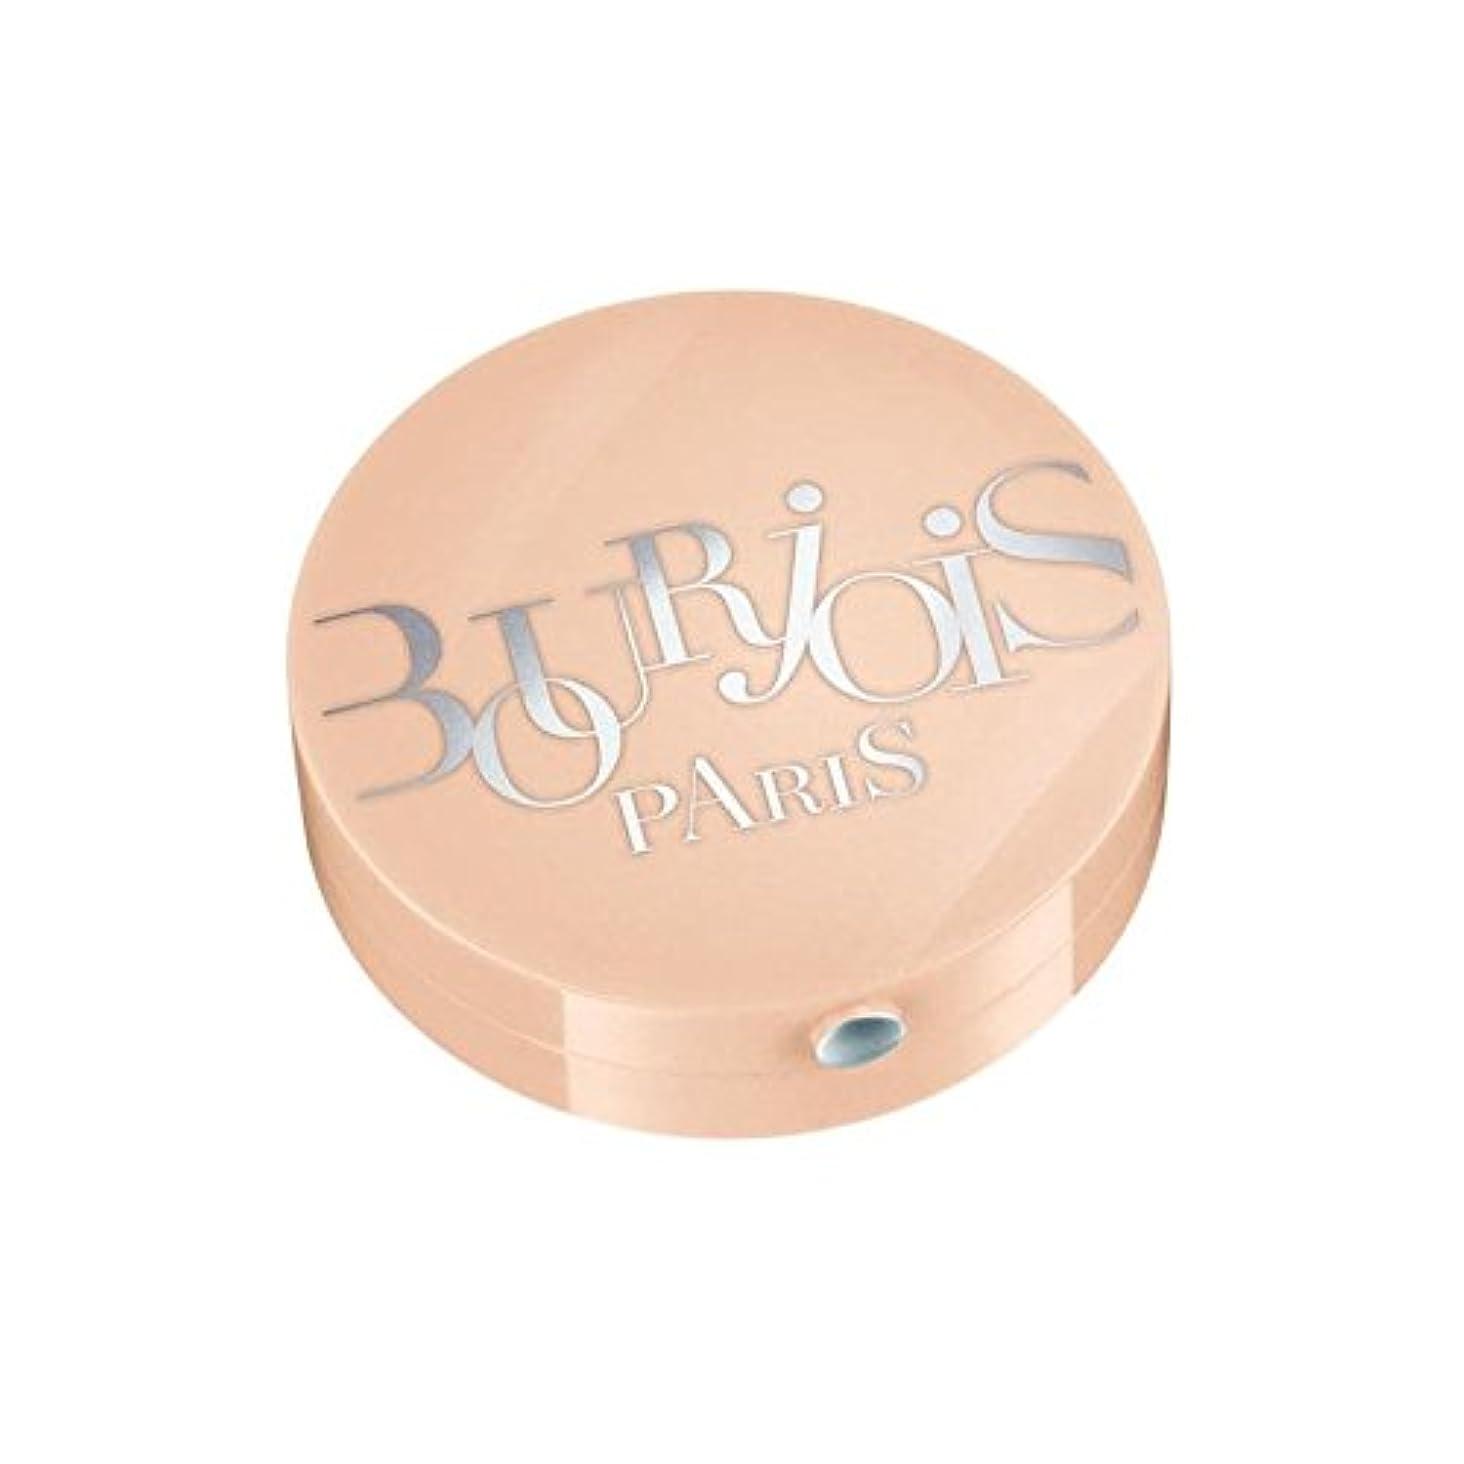 ハーフ桃系統的01 ブルジョワ小さな丸いポットヌード版 x2 - Bourjois Little Round Pot Nude Edition Ingenude T01 (Pack of 2) [並行輸入品]